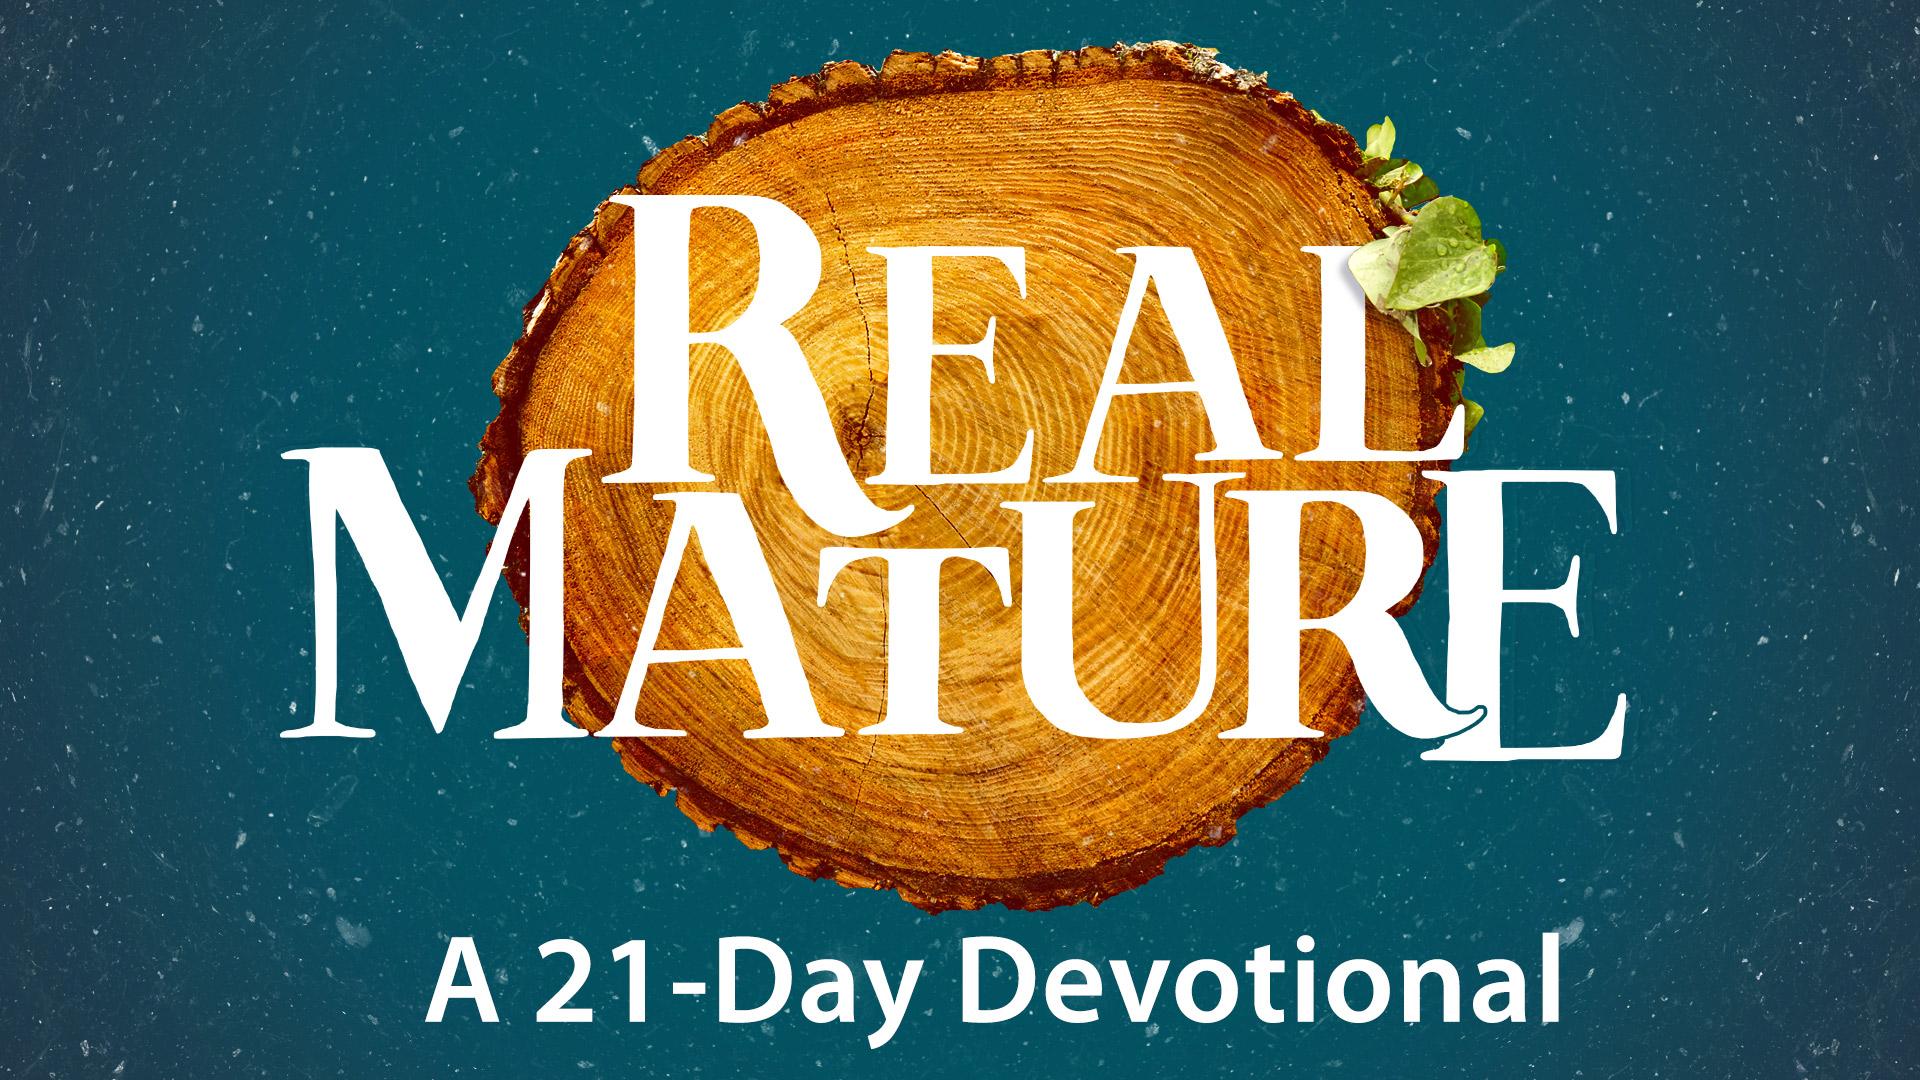 21-Days on Spiritual Maturity